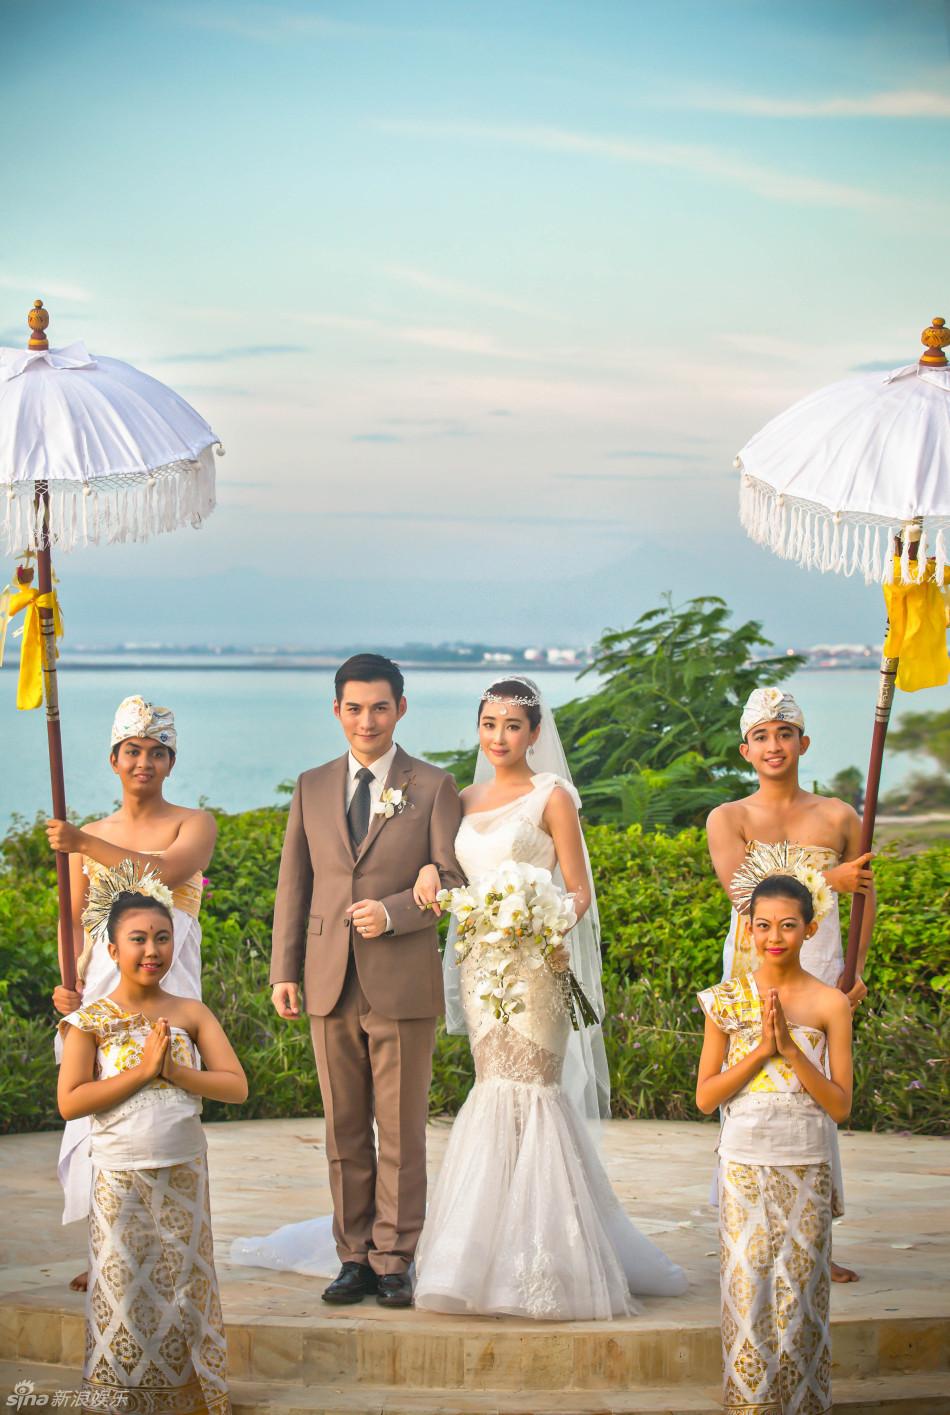 严屹宽与杜若溪巴厘岛完婚 婚纱婚礼现场高清图集